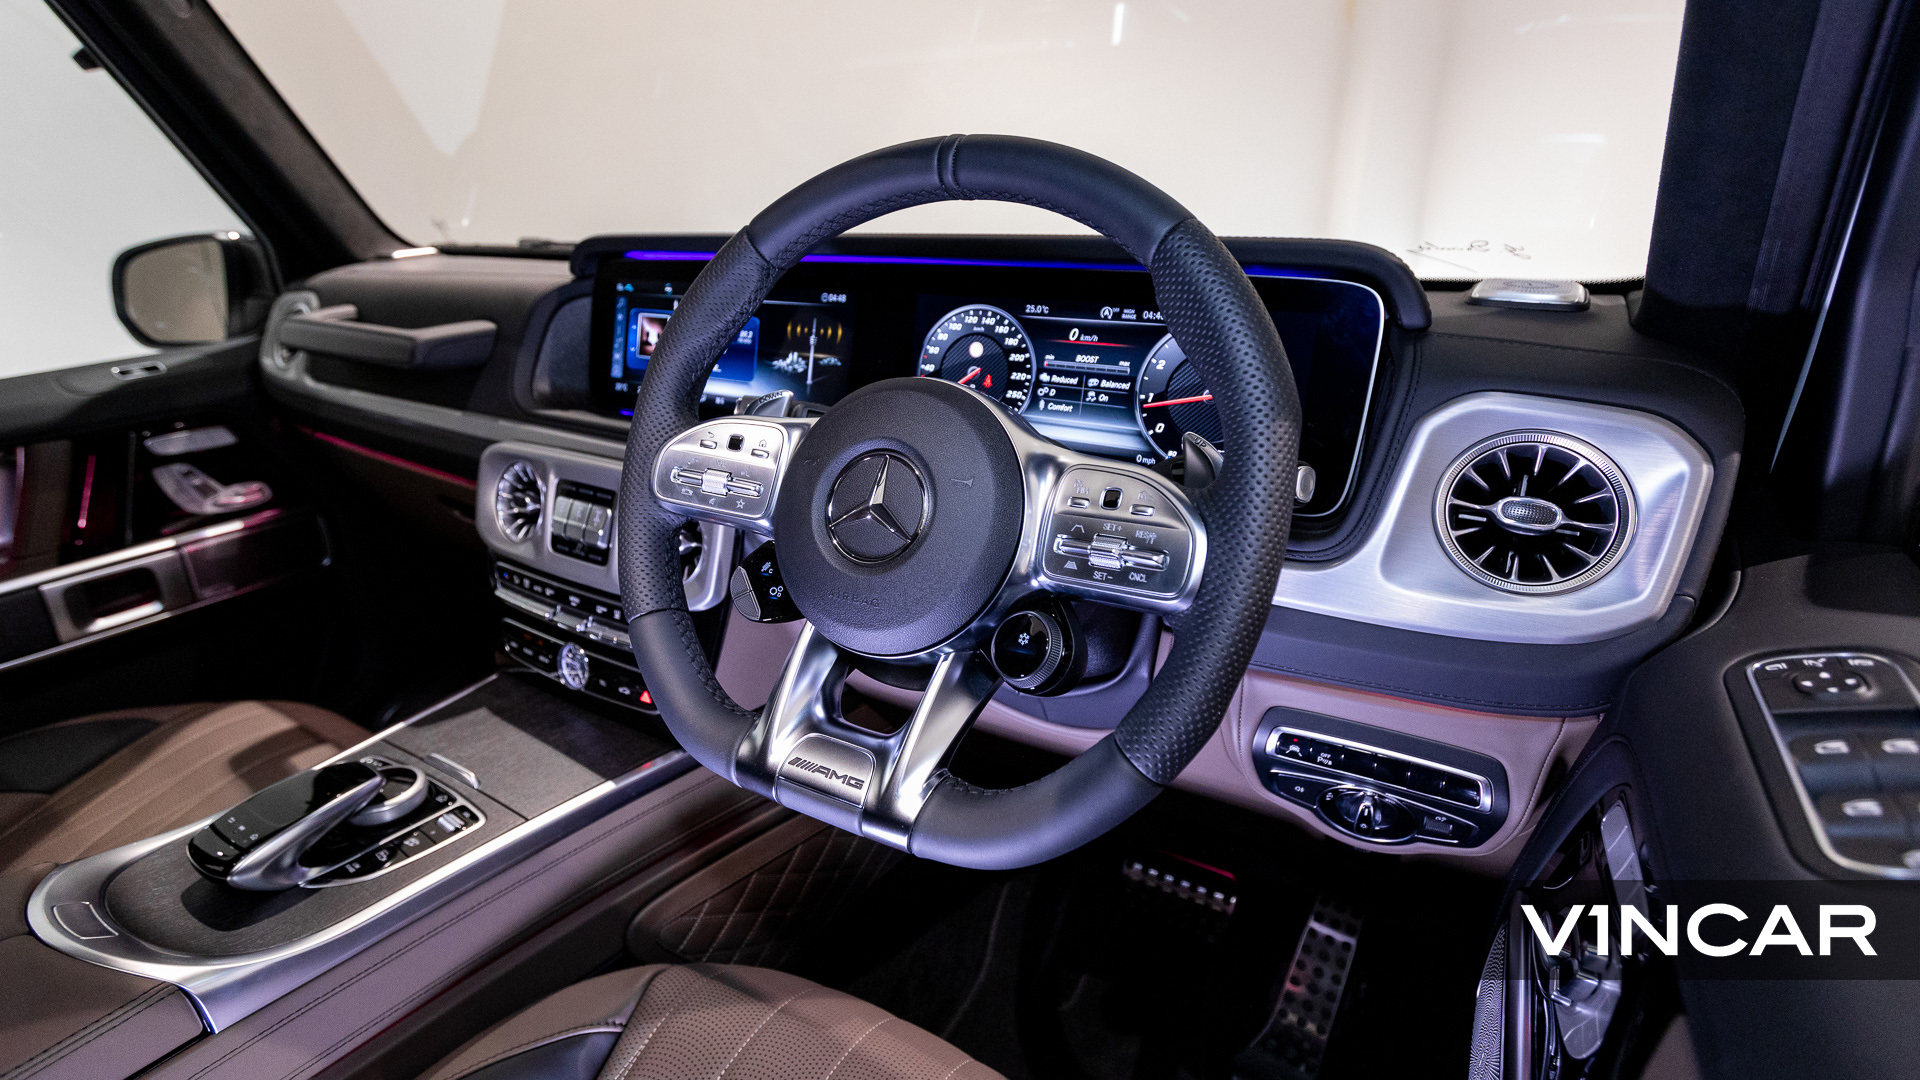 Mercedes-AMG G63 - Multifunction Steering Wheel